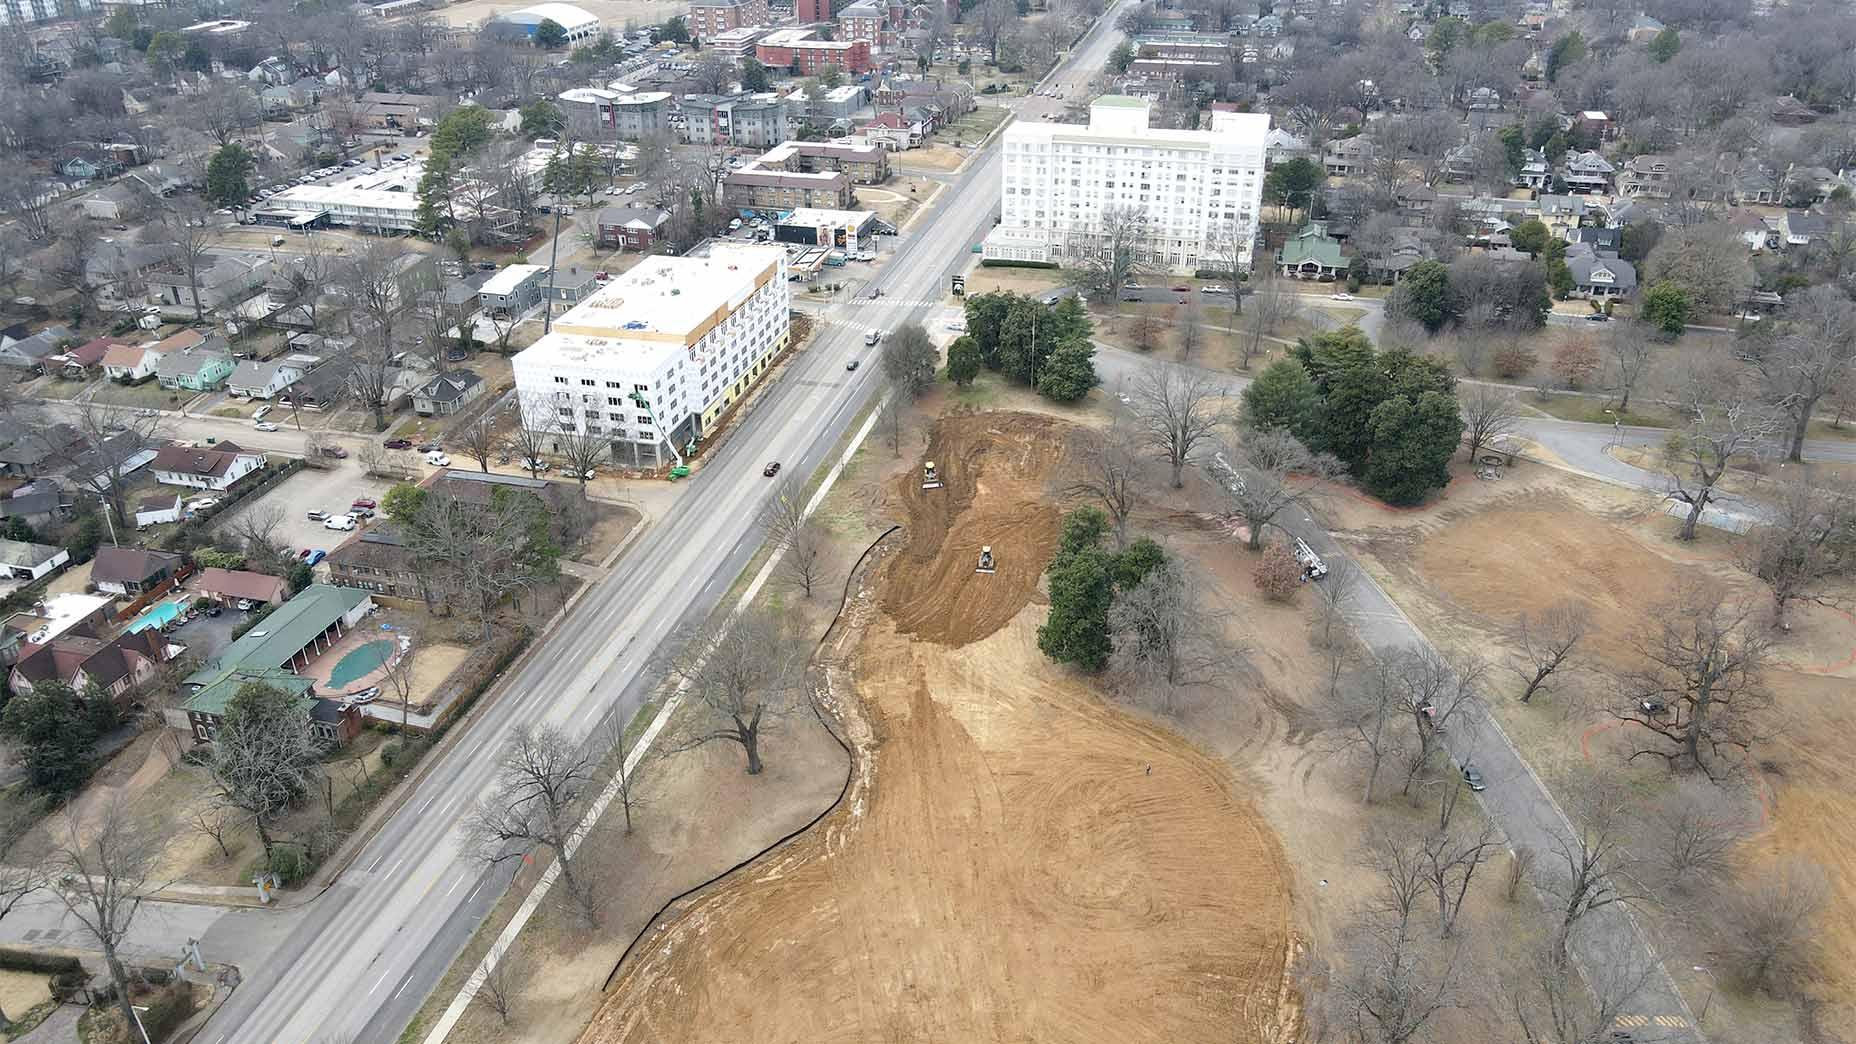 Overton Park in Memphis, Tenn.